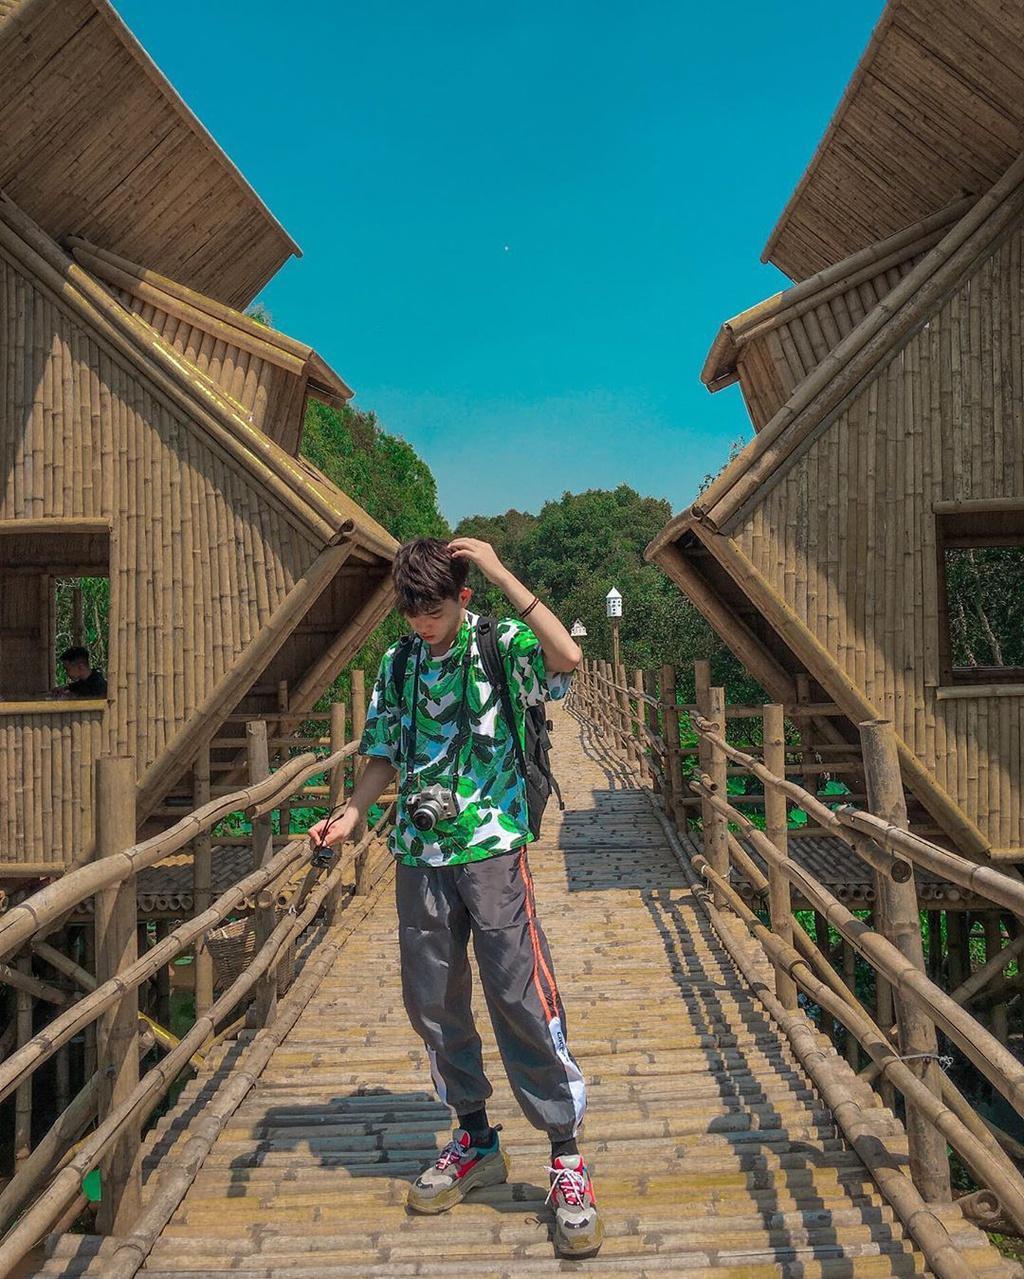 3 cây cầu nổi tiếng thiết kế đẹp ở miền Tây Ảnh 3